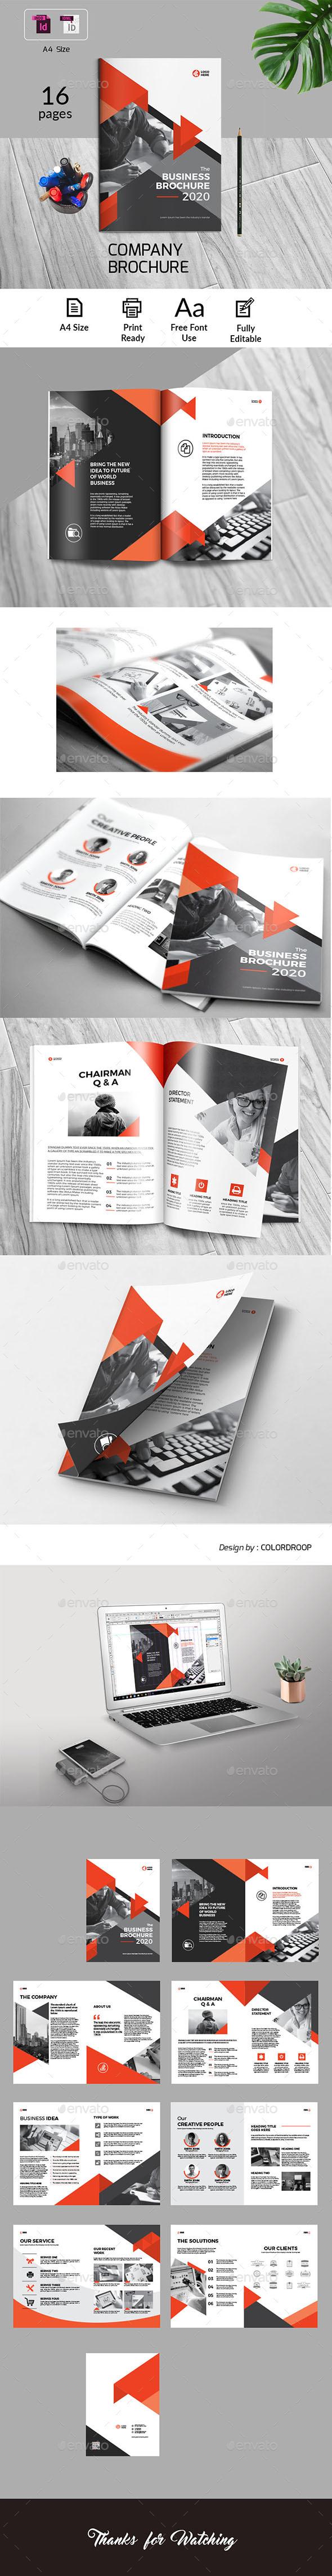 GraphicRiver Company Brochure 20662281